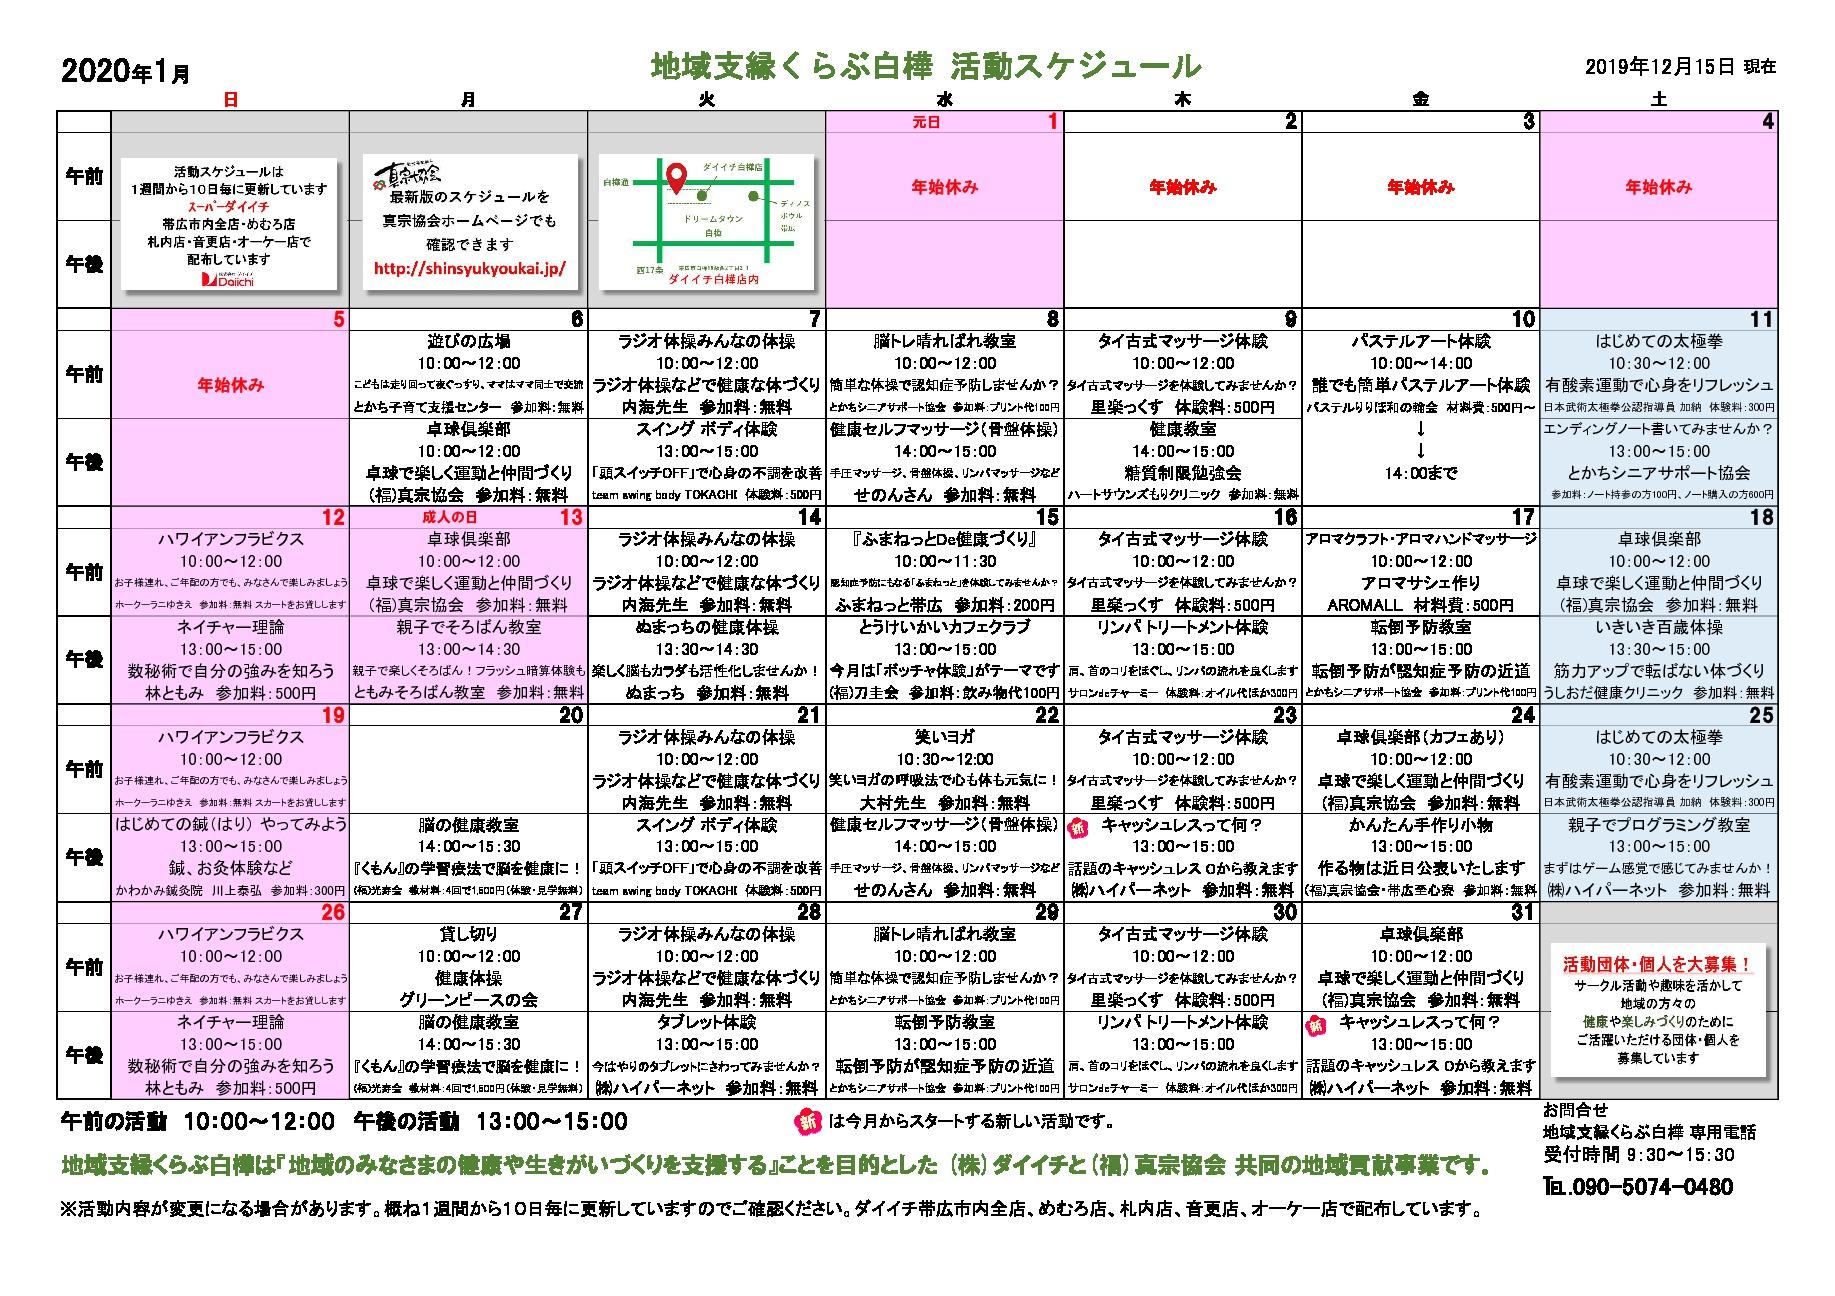 2019活動スケジュール1(2019.12.15付)のサムネイル